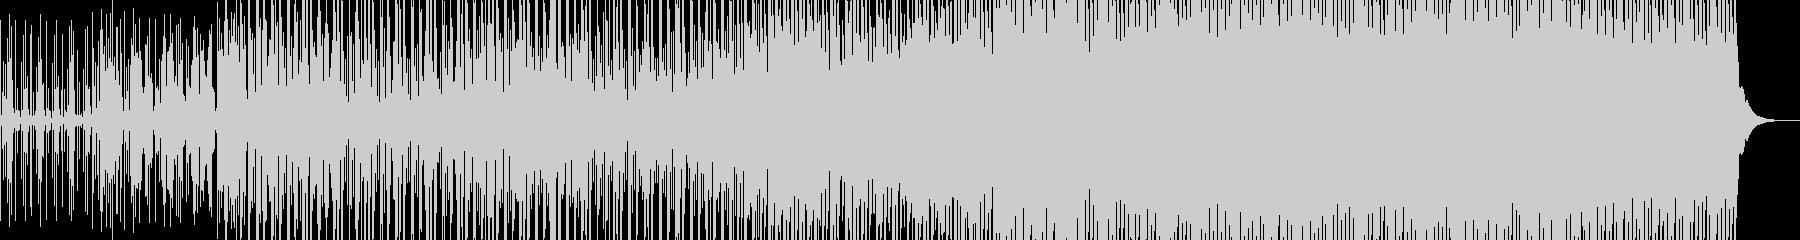 多数の打楽器を用いたポリリズムの曲の未再生の波形